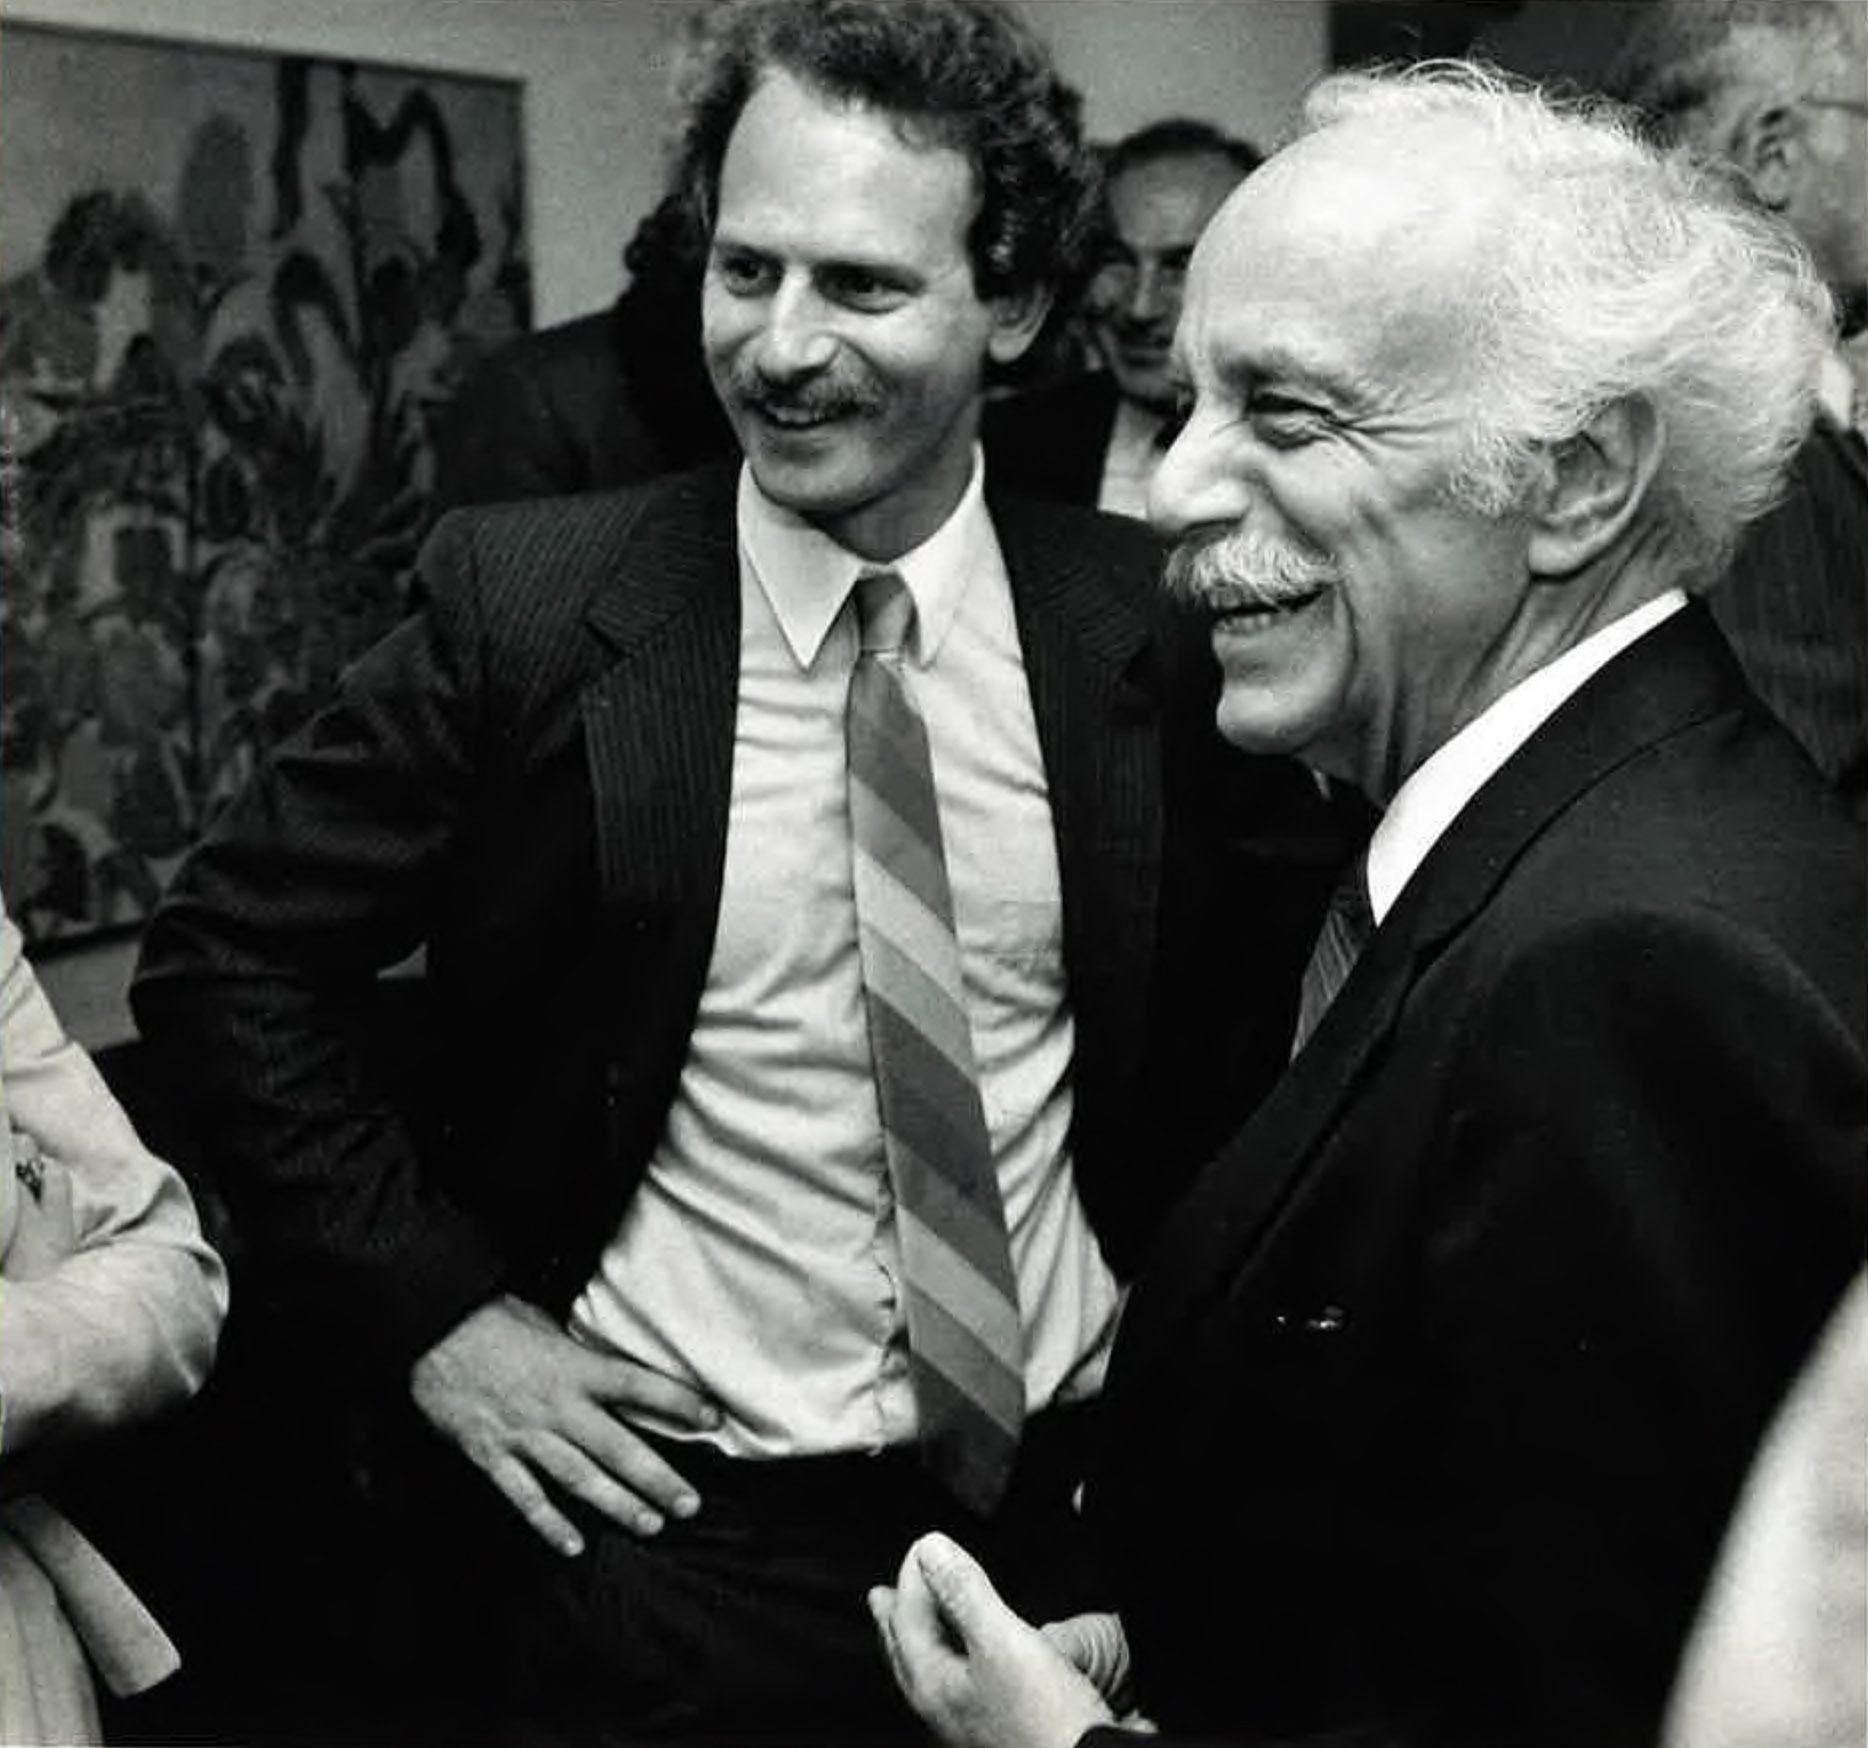 David and Roderick MacArthur